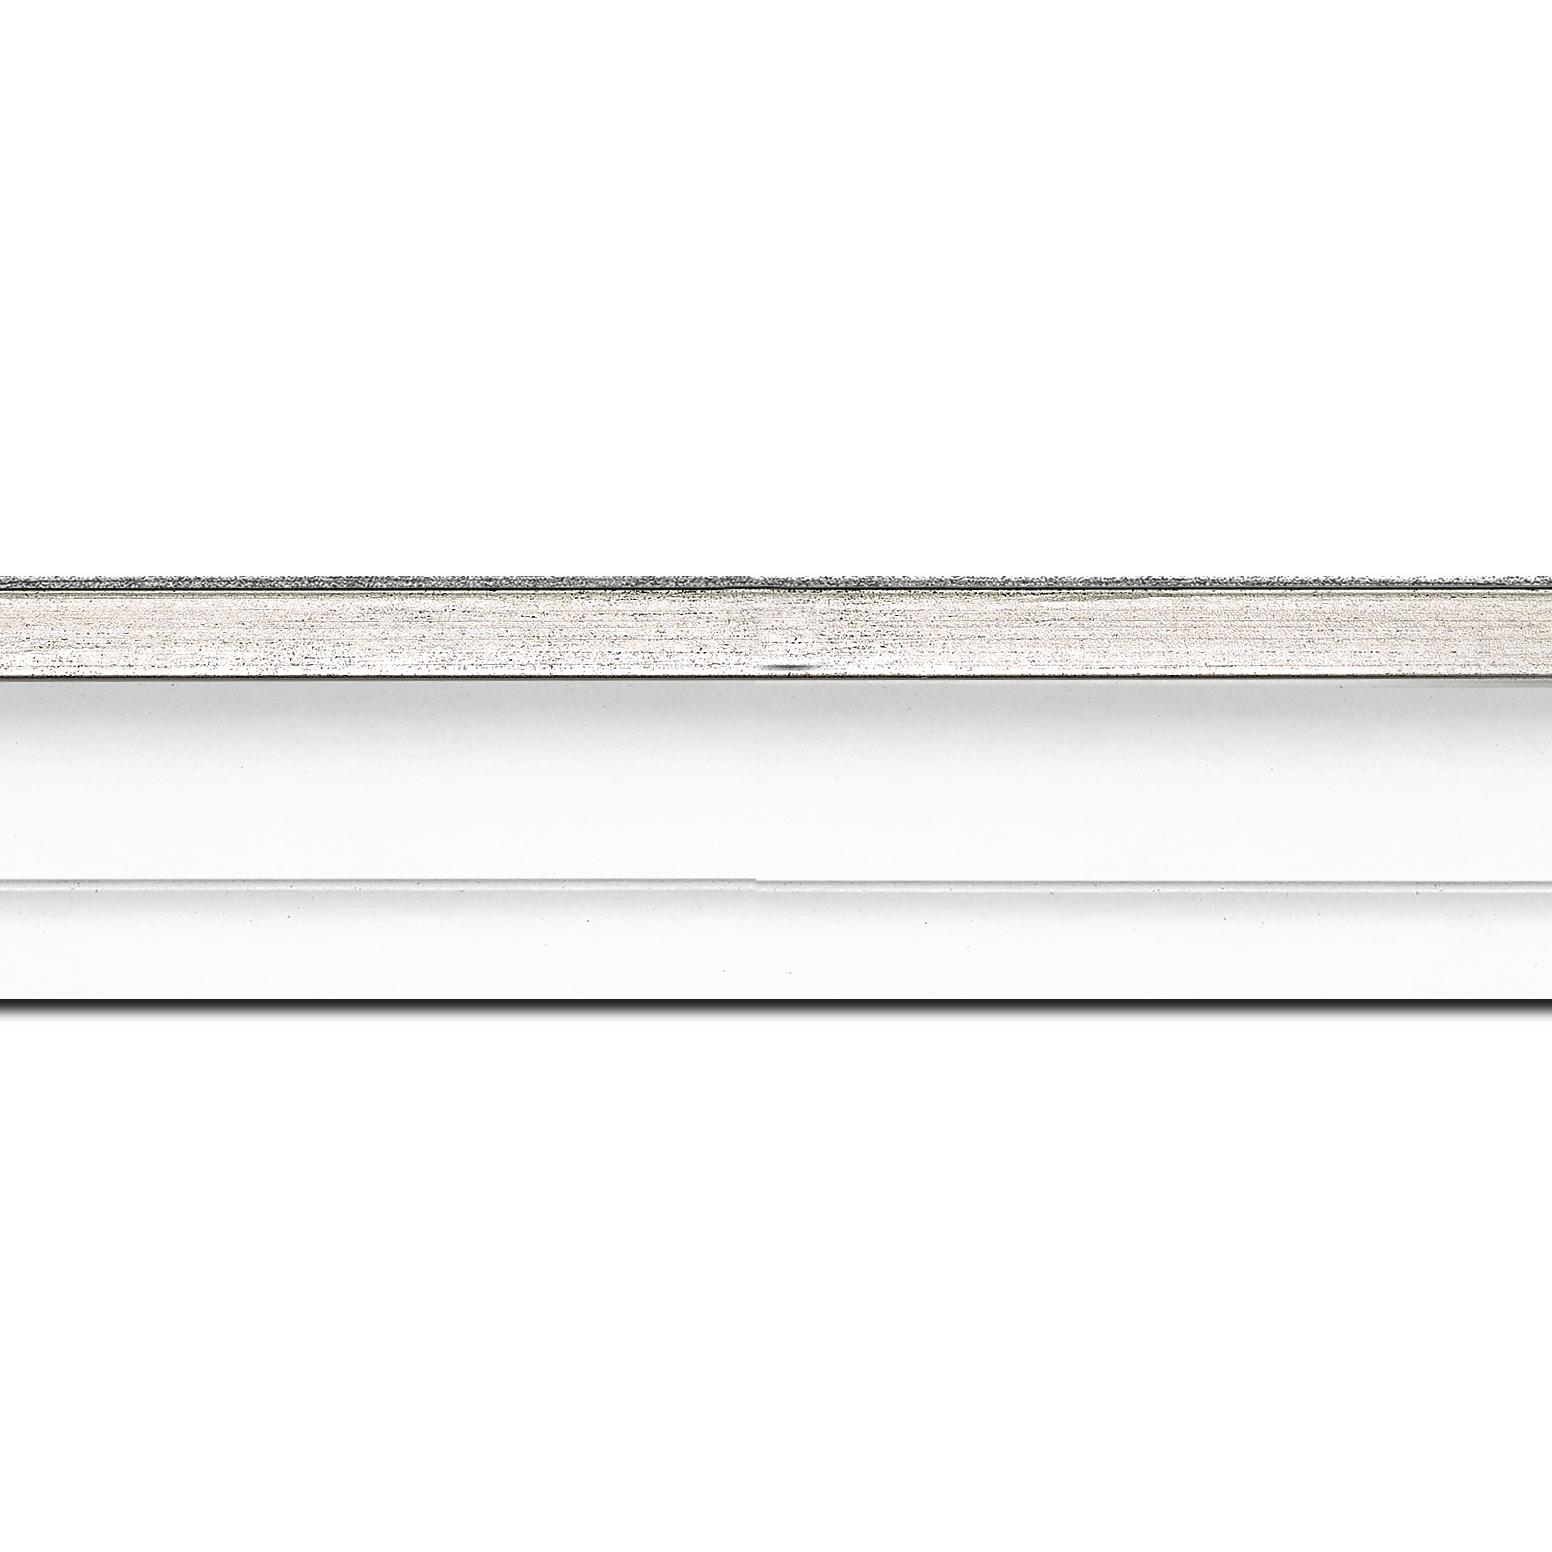 Pack par 12m, bois caisse américaine profil escalier largeur 4.5cm blanc mat filet argent (spécialement conçu pour les châssis d'une épaisseur jusqu'à 2.5cm )(longueur baguette pouvant varier entre 2.40m et 3m selon arrivage des bois)